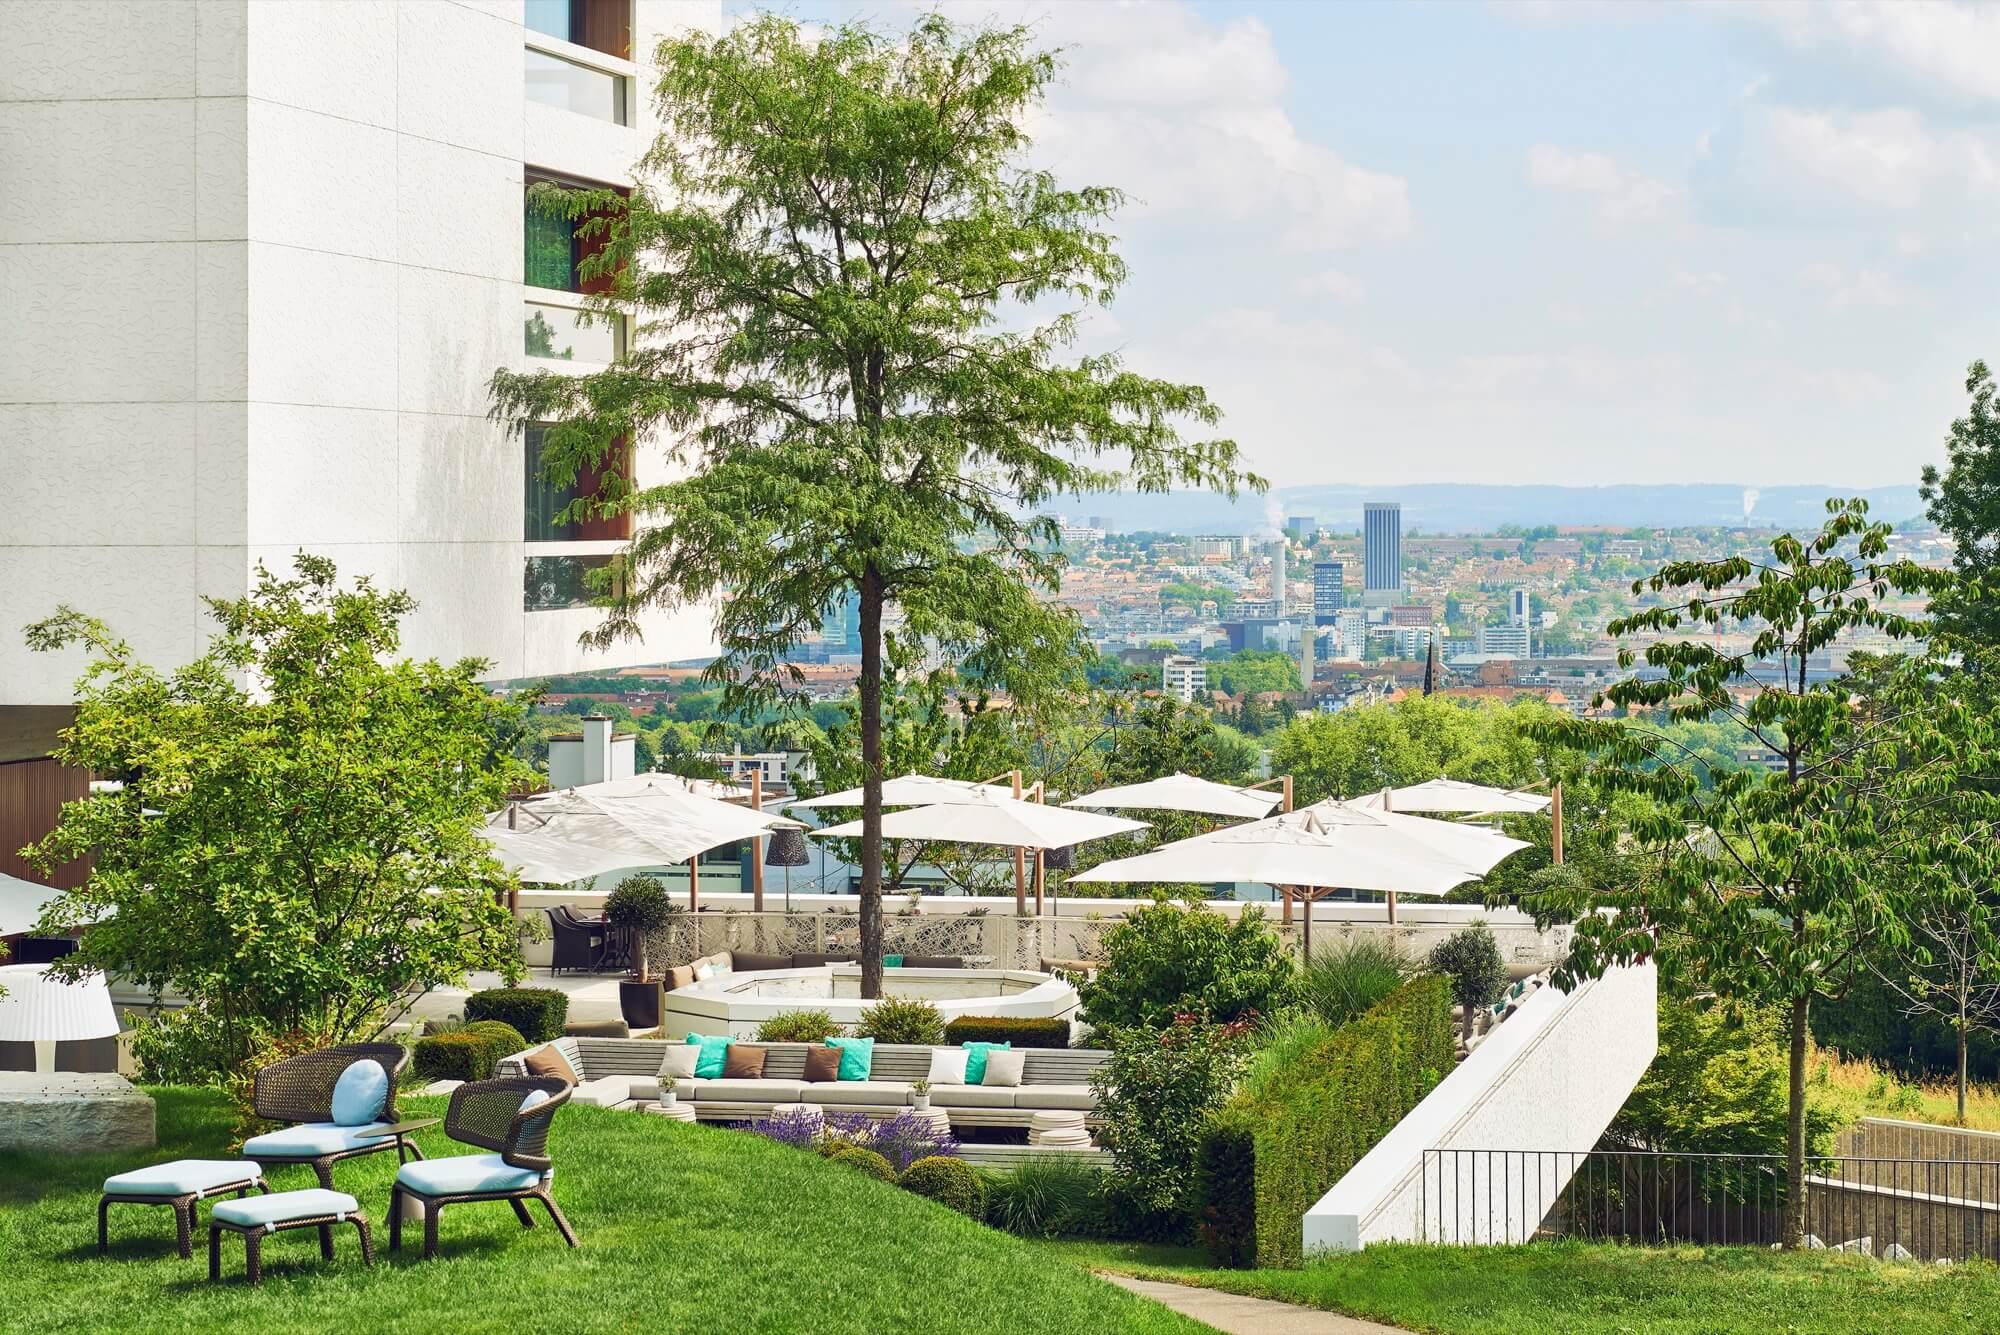 Hotel Atlantis By Giardino Zurich S Urban Retreat